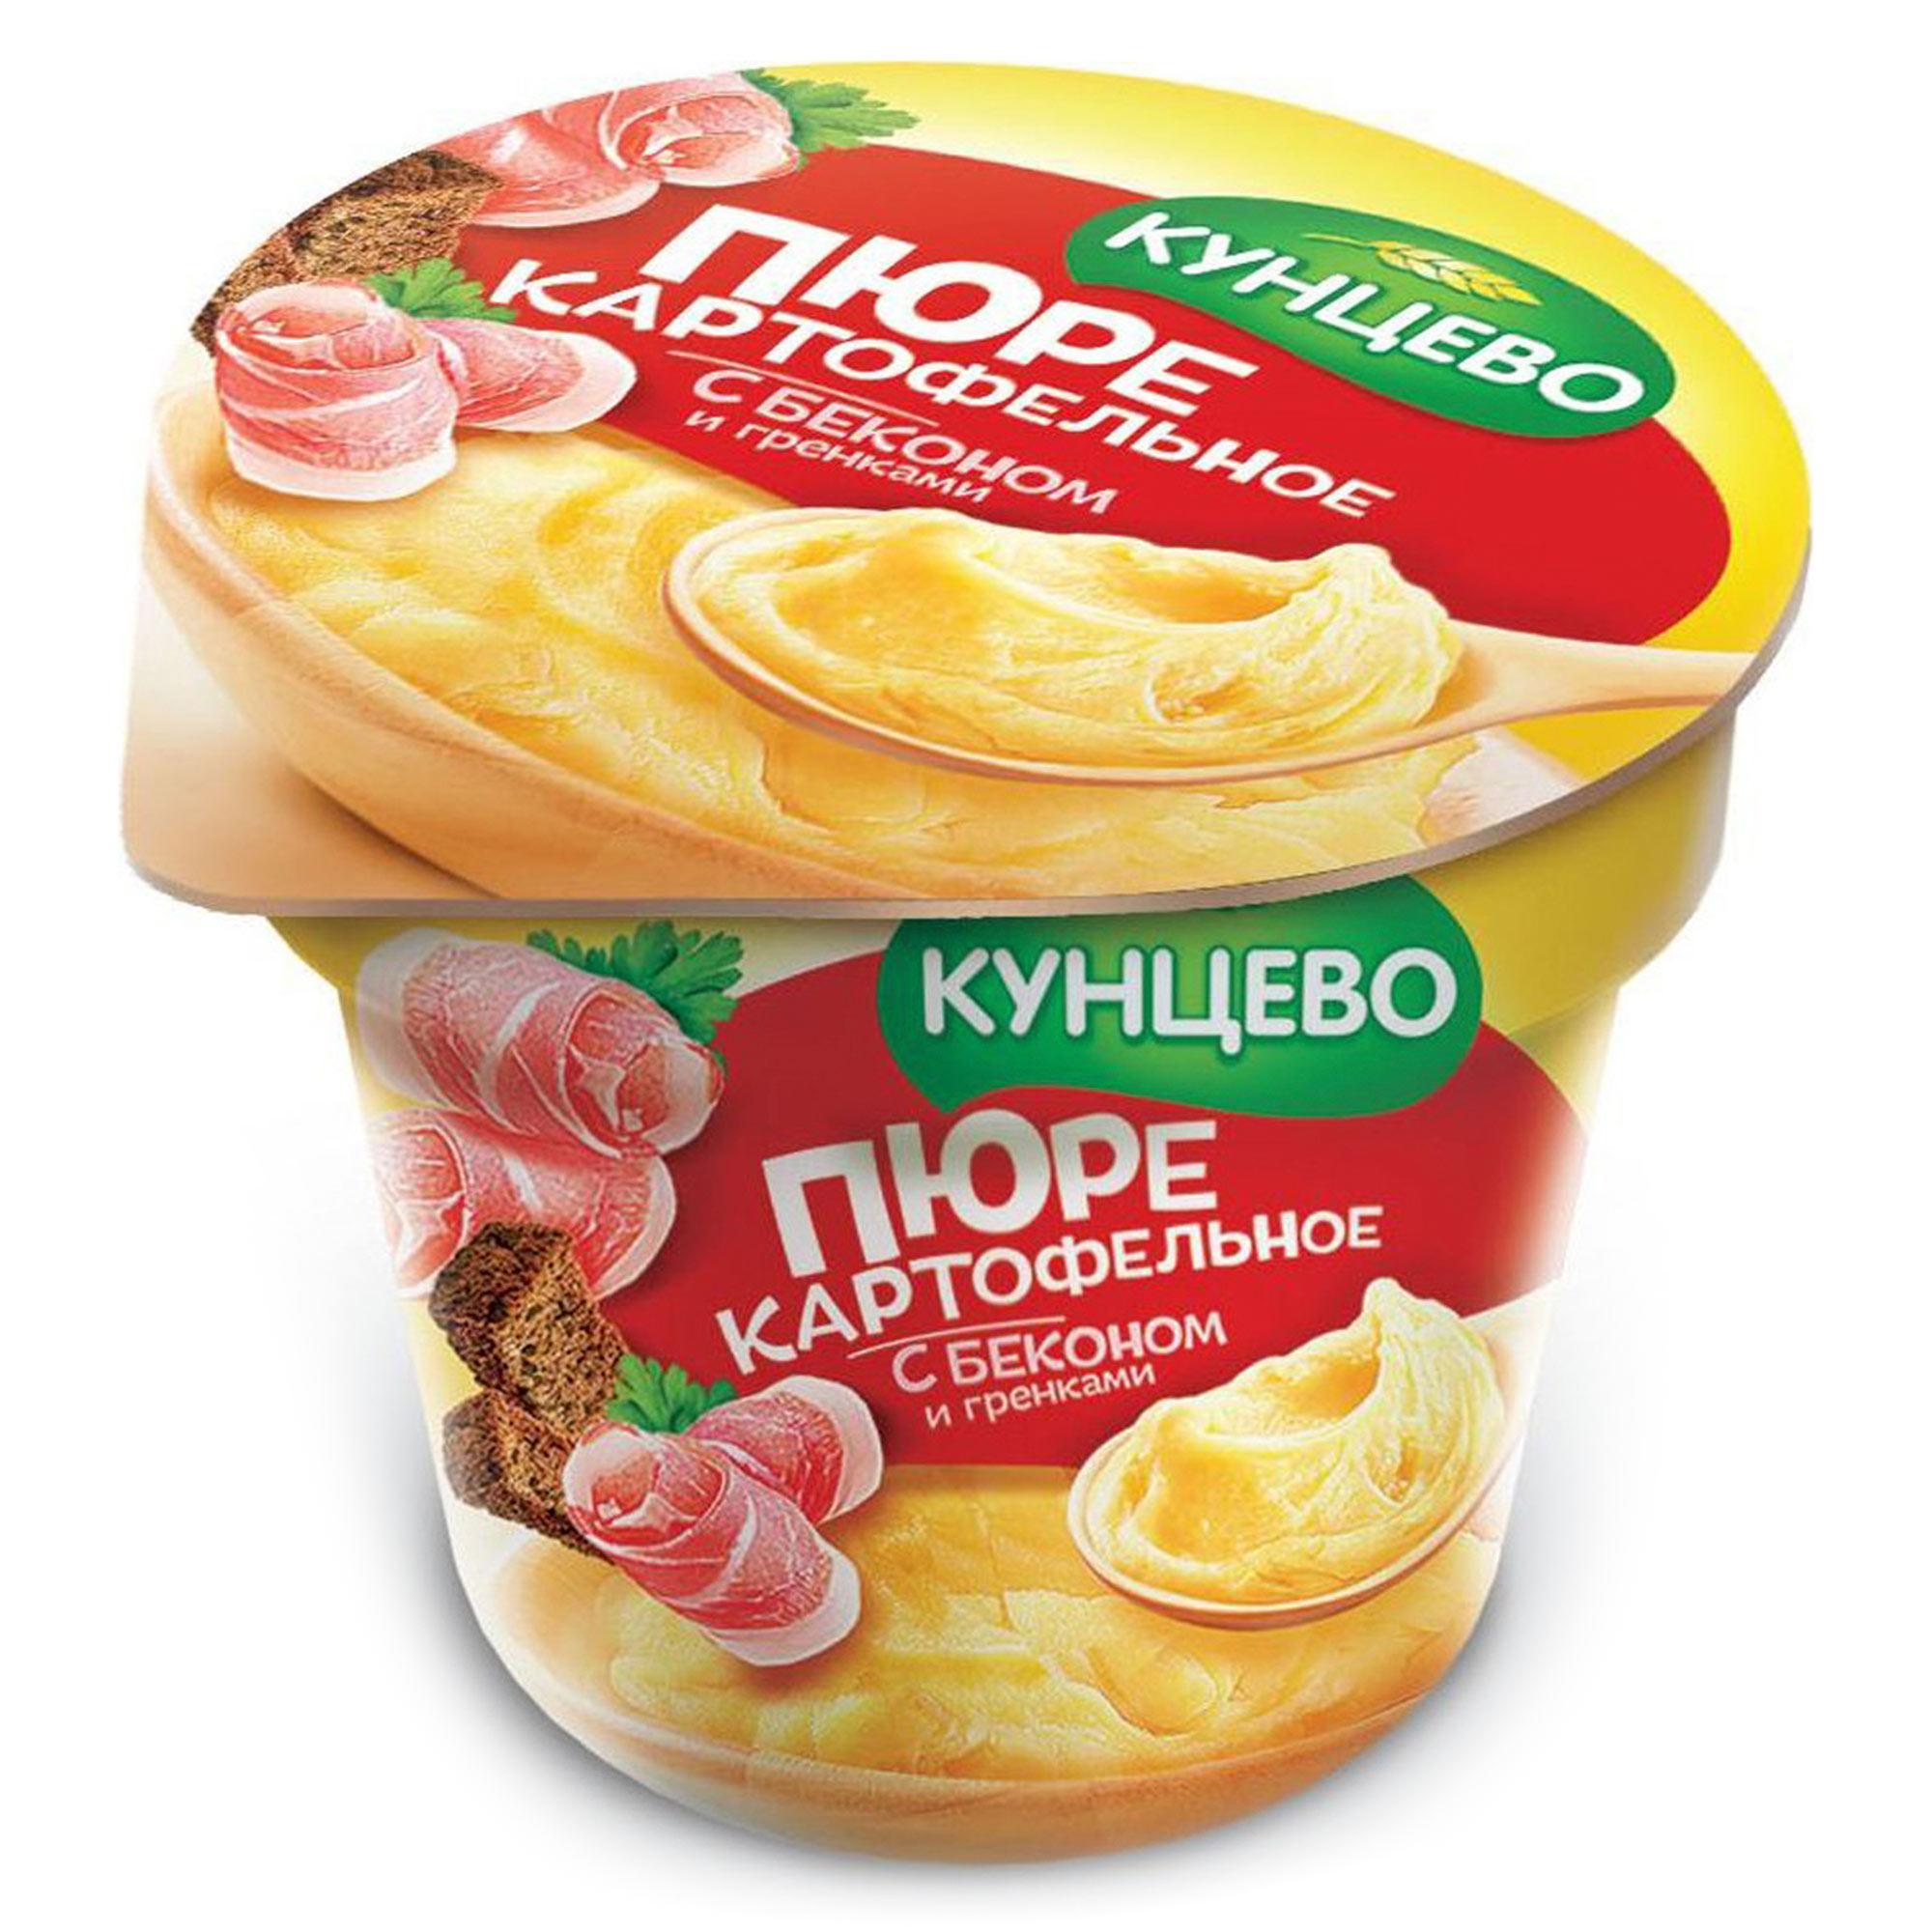 Картофельное пюре КУНЦЕВО со вкусом бекона и гренками 40 г